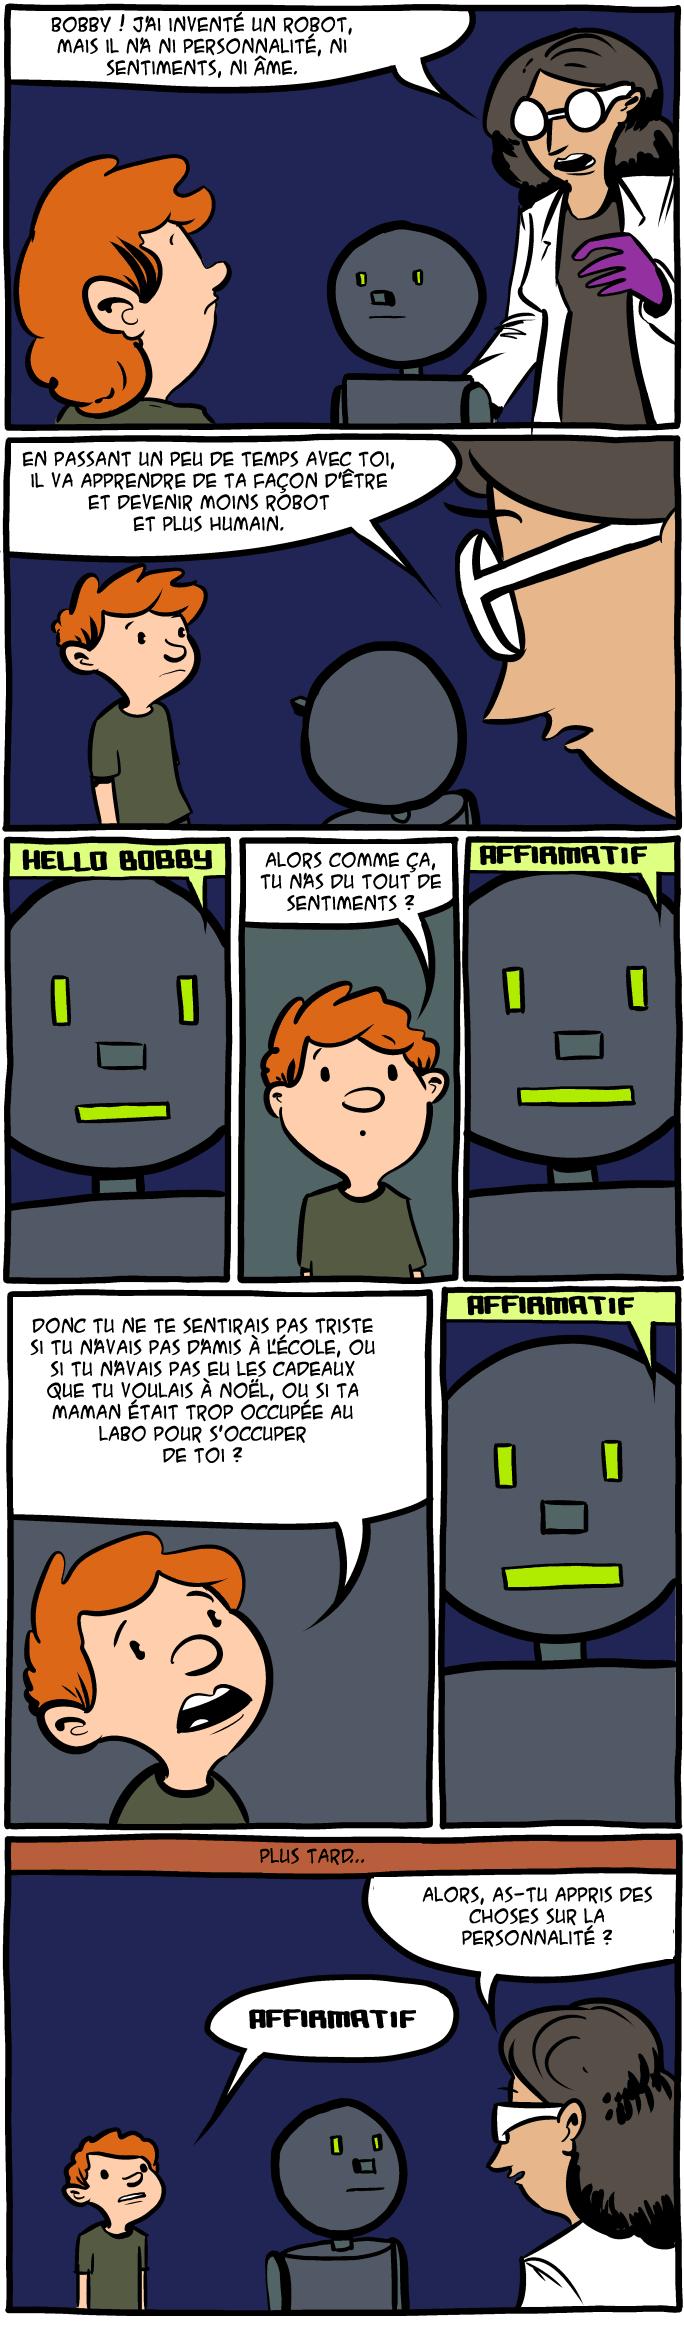 le sexe du robot le sexe Malyalam